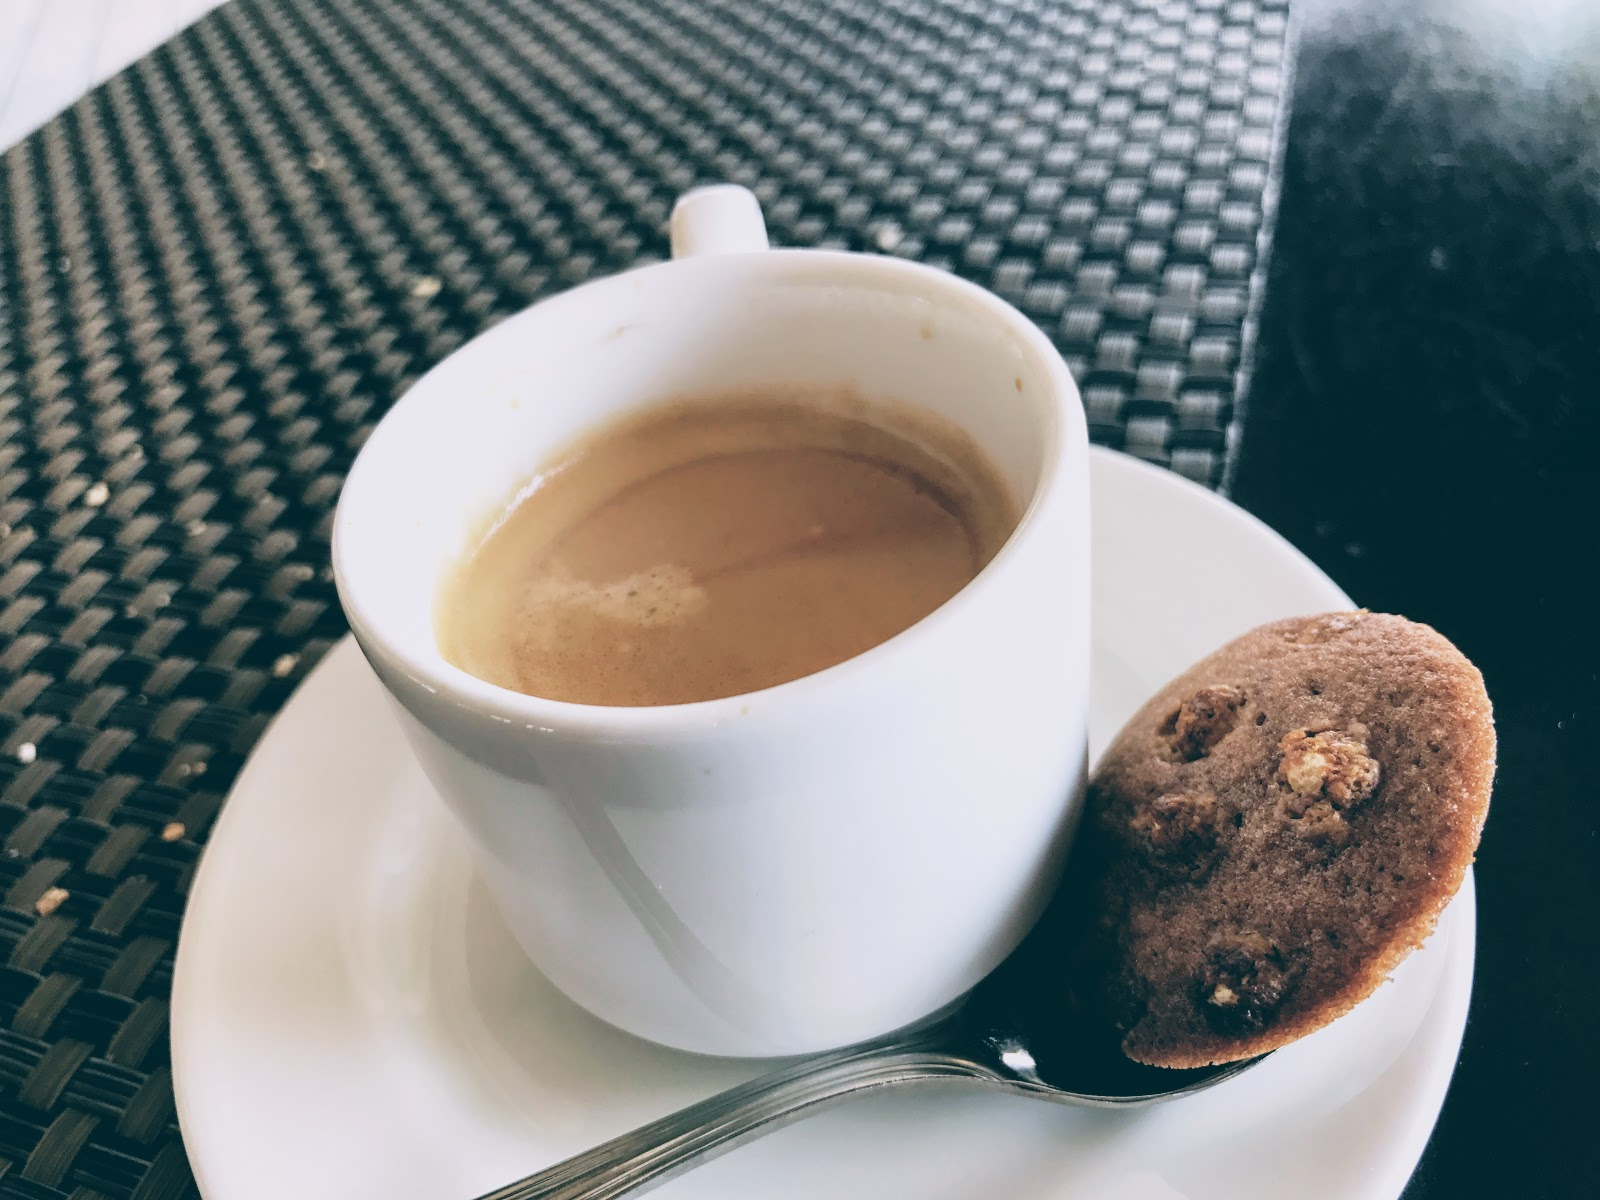 環遊世界|大溪地|Te Ava Restaurant @Bora Bora艾美酒店 SPG會員 泡芙 義式咖啡